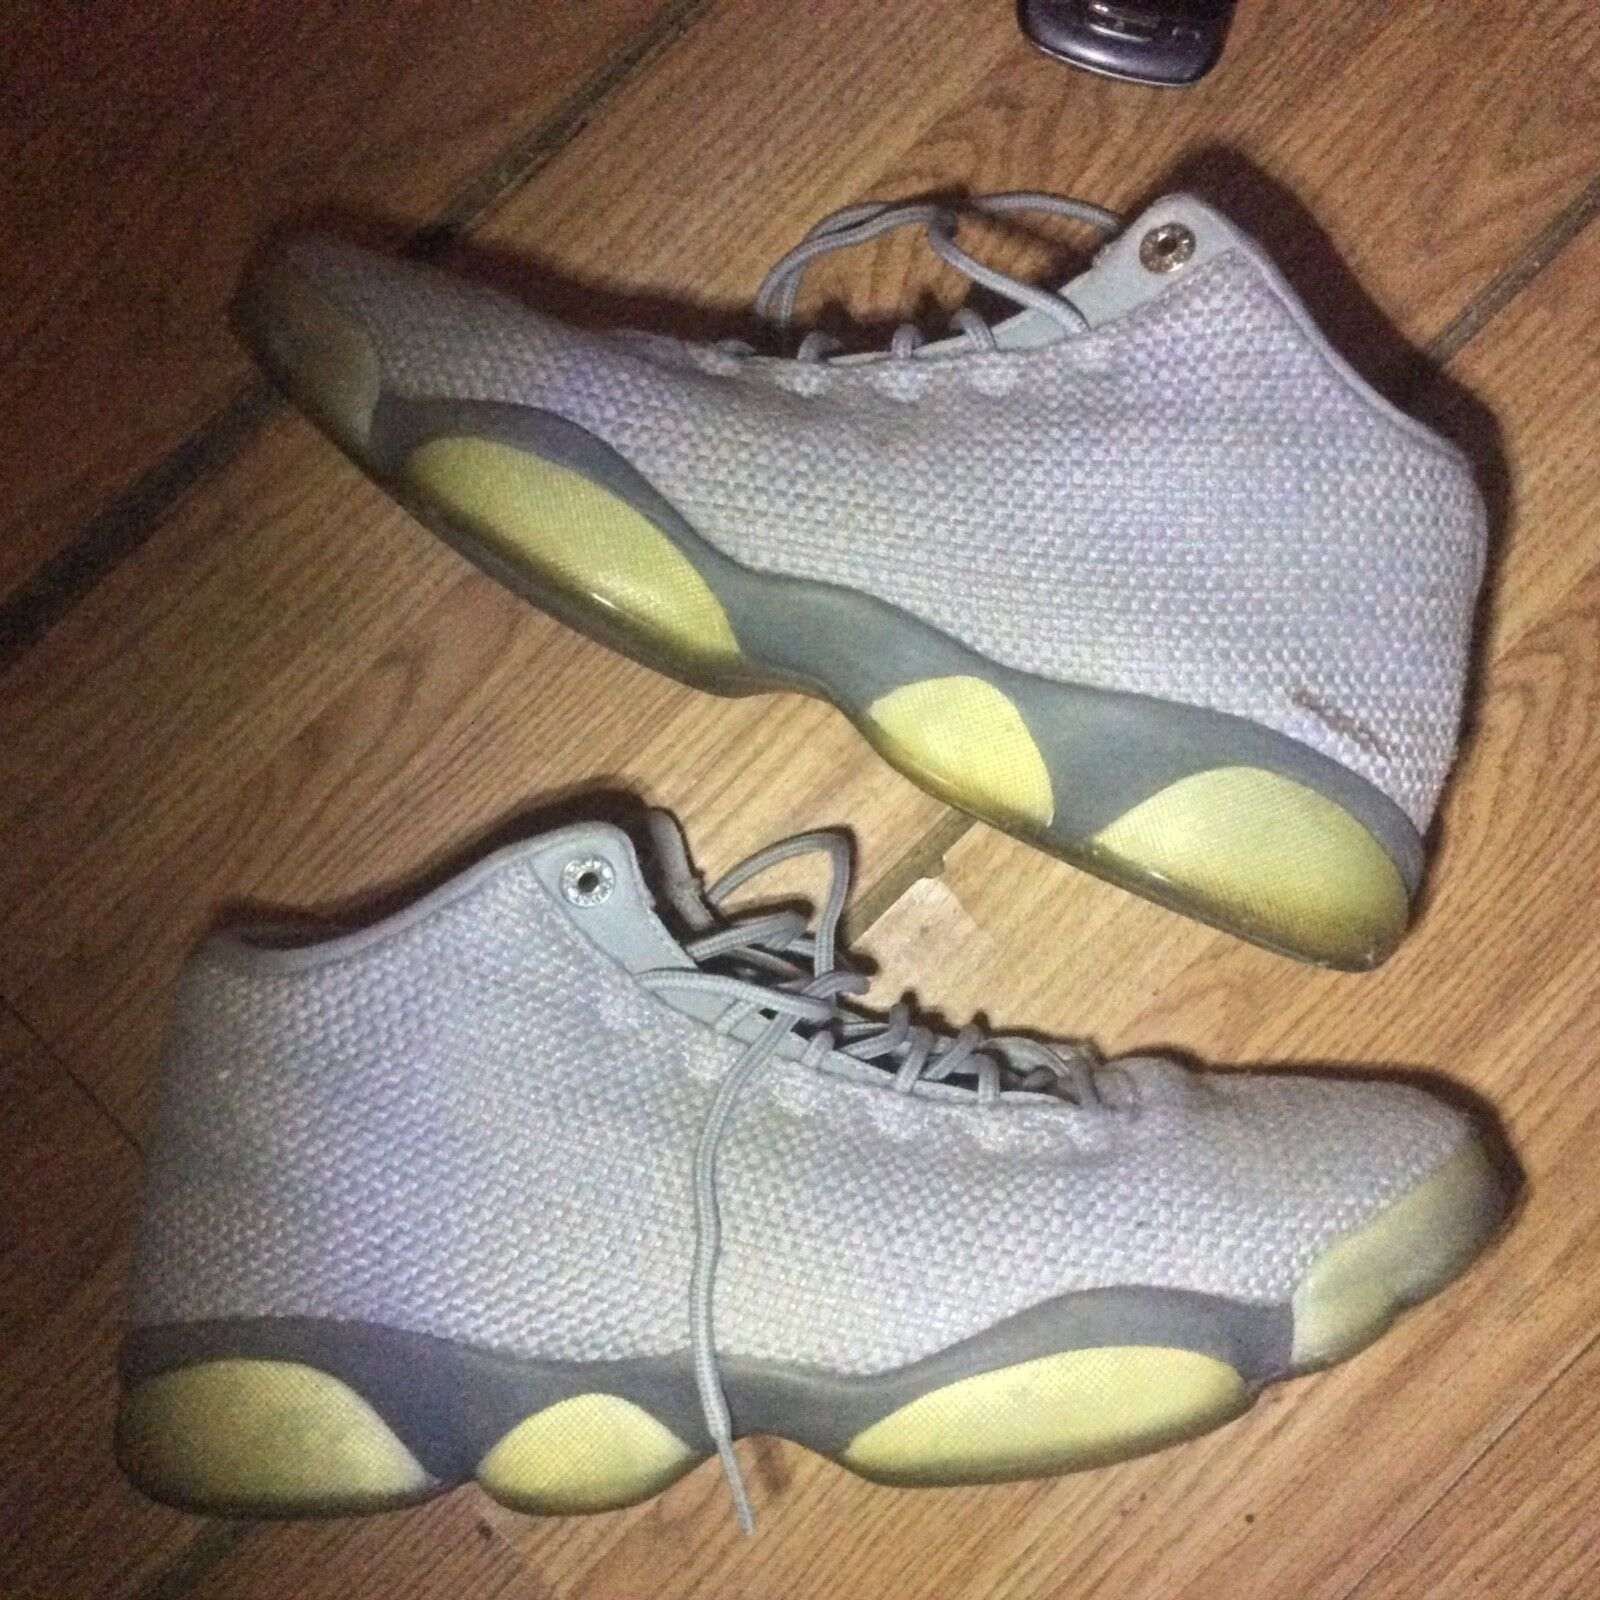 Air Jordan 13 Retro Low Size 310810-100 10 Mens Pure Money 310810-100 Size White Platinum Shoes 840382